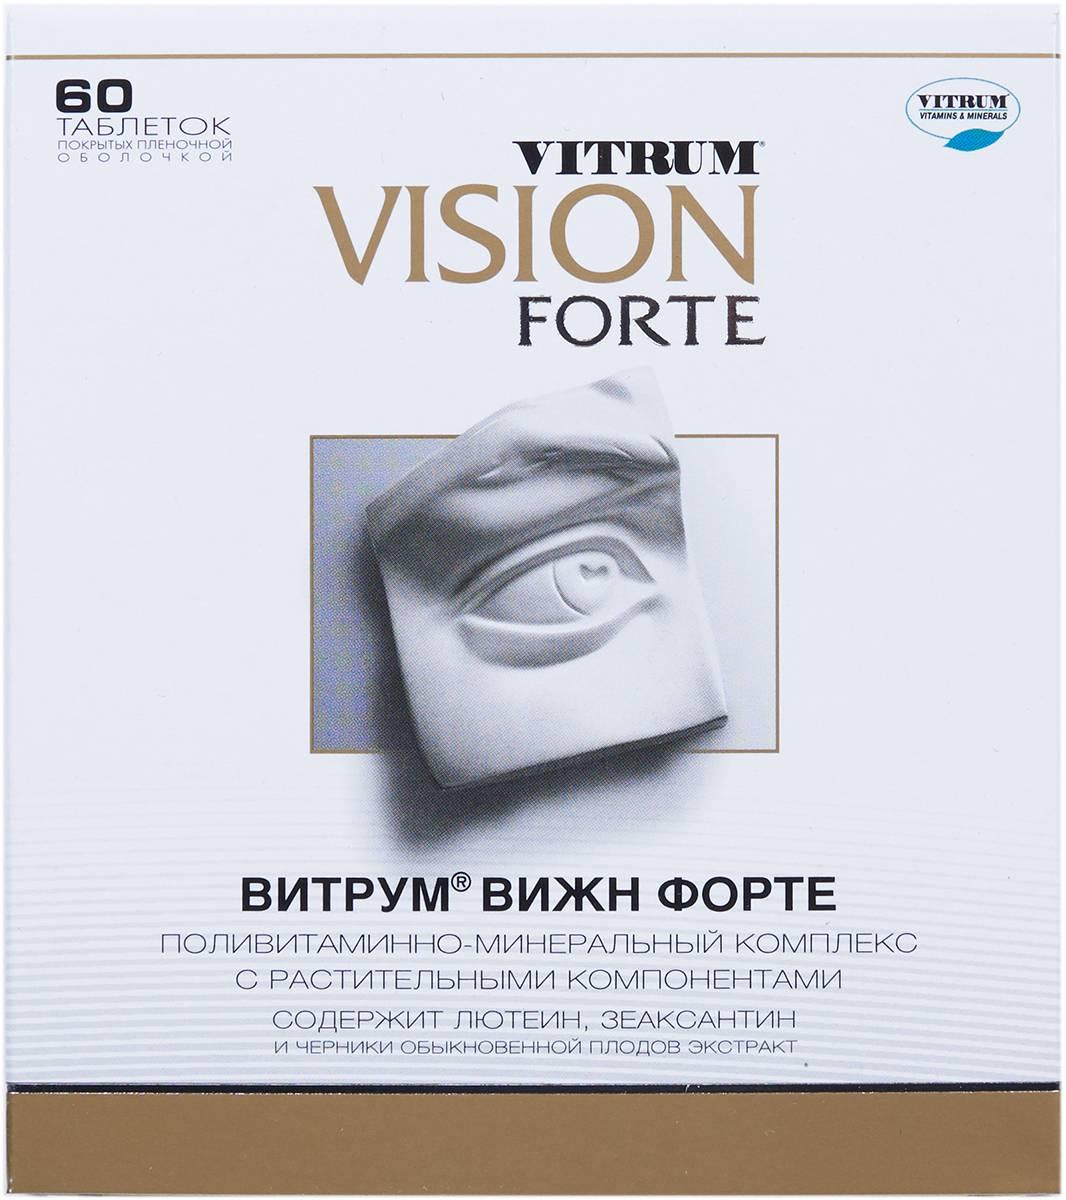 Витрум вижн форте: инструкция по применению и для чего он нужен, цена, отзывы, аналоги